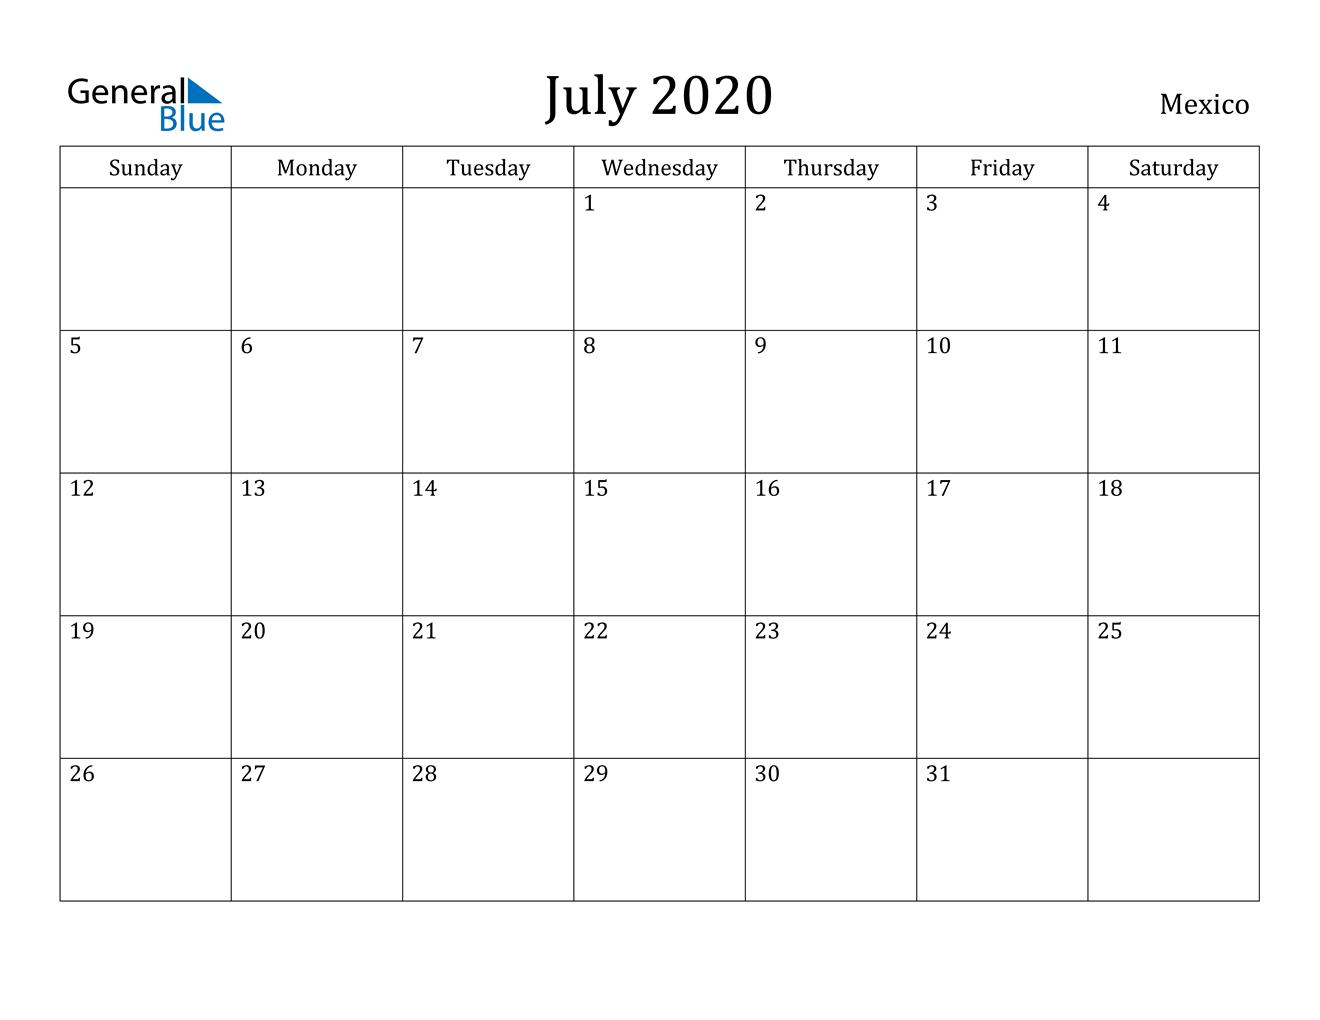 July 2020 Calendar - Mexico